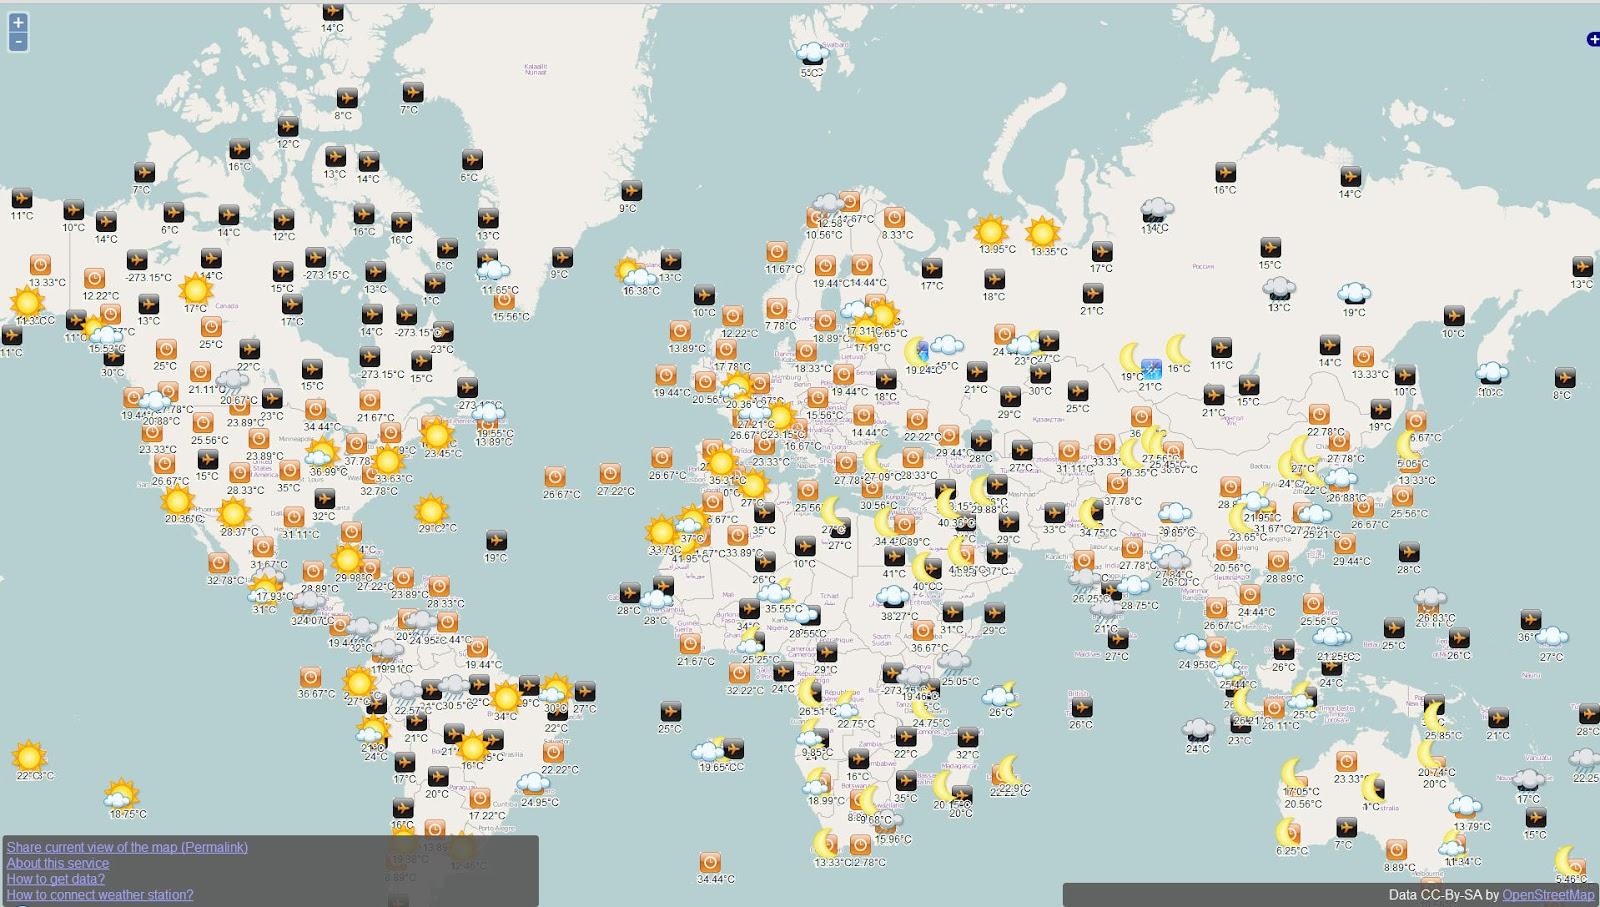 Deutschlandkarte blog: Die Open Weather Map zeigt uns das ... - Atomkraftwerke In Deutschland Karte